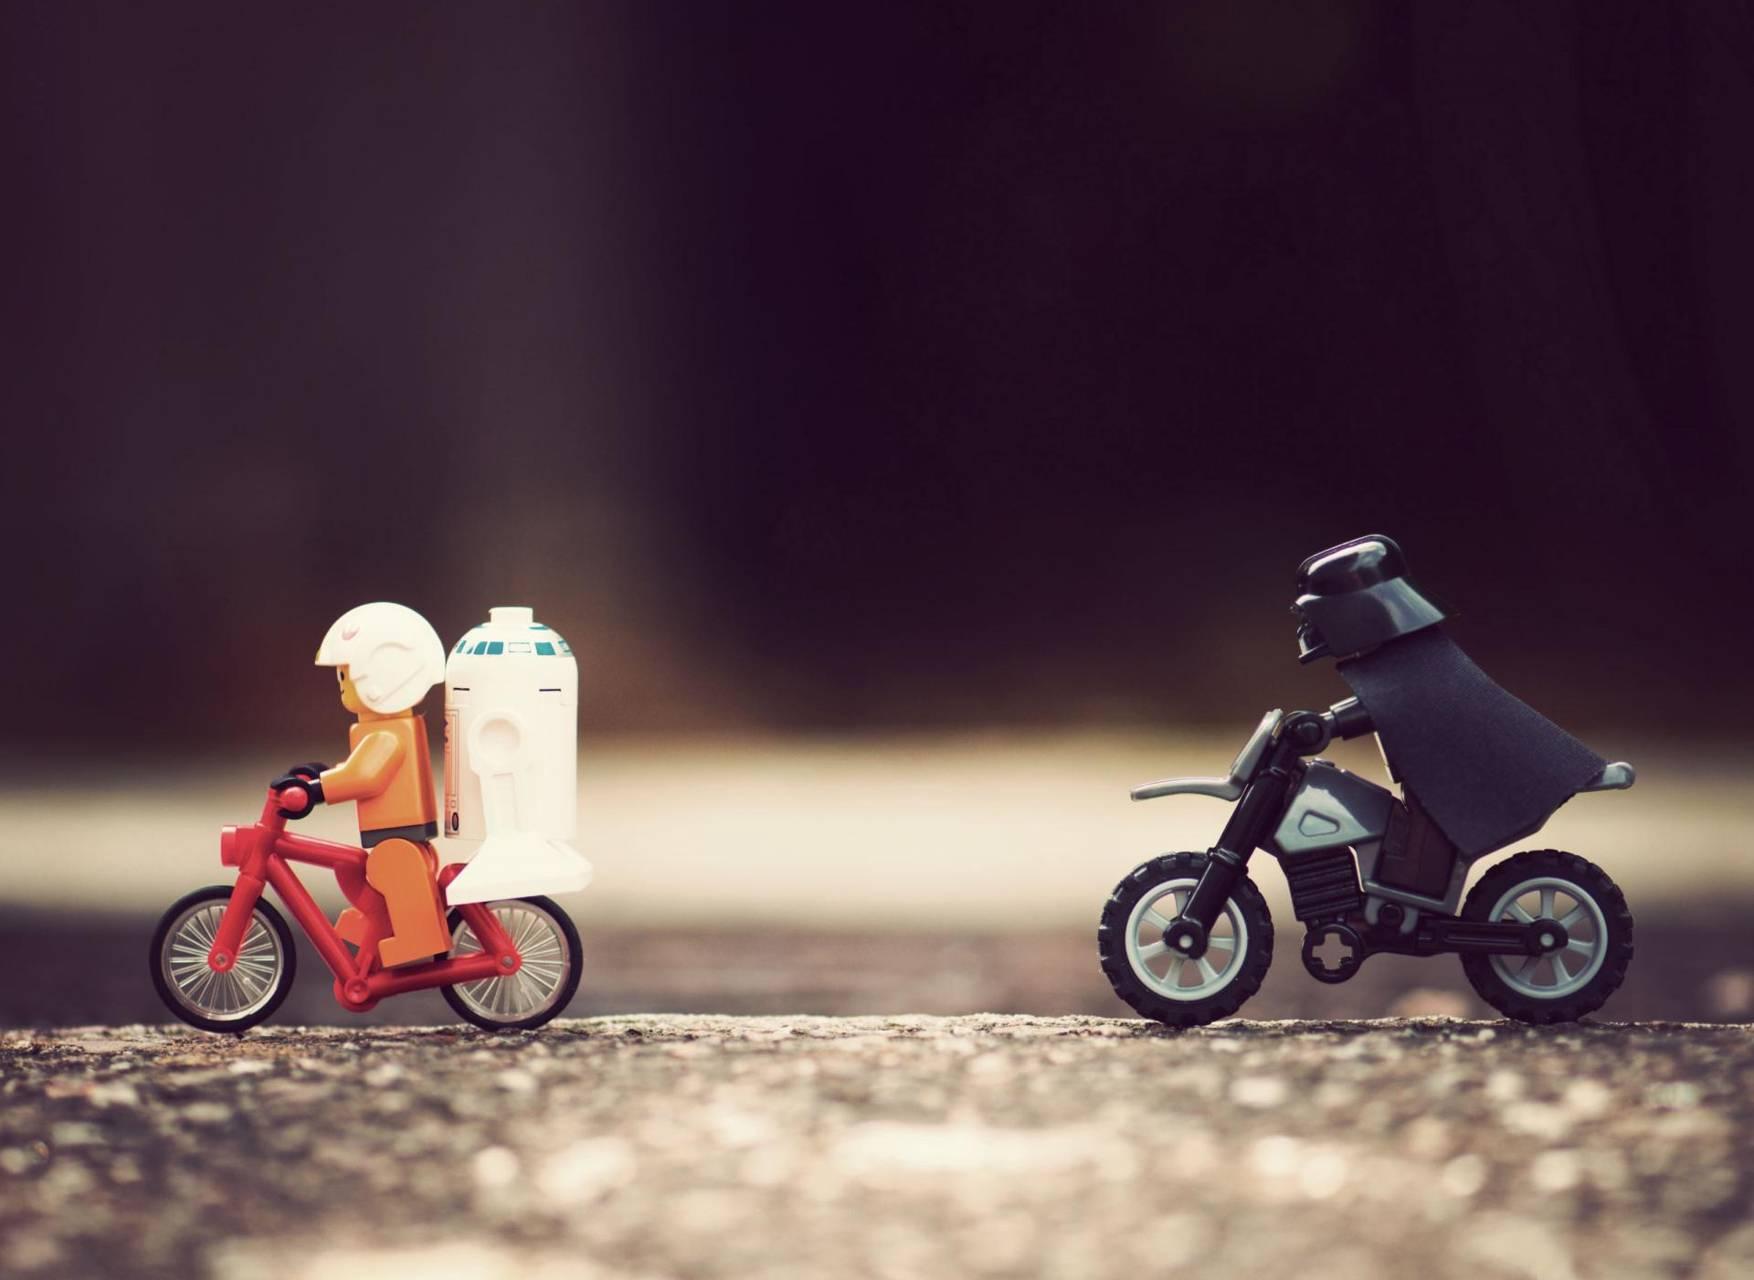 Funny Lego